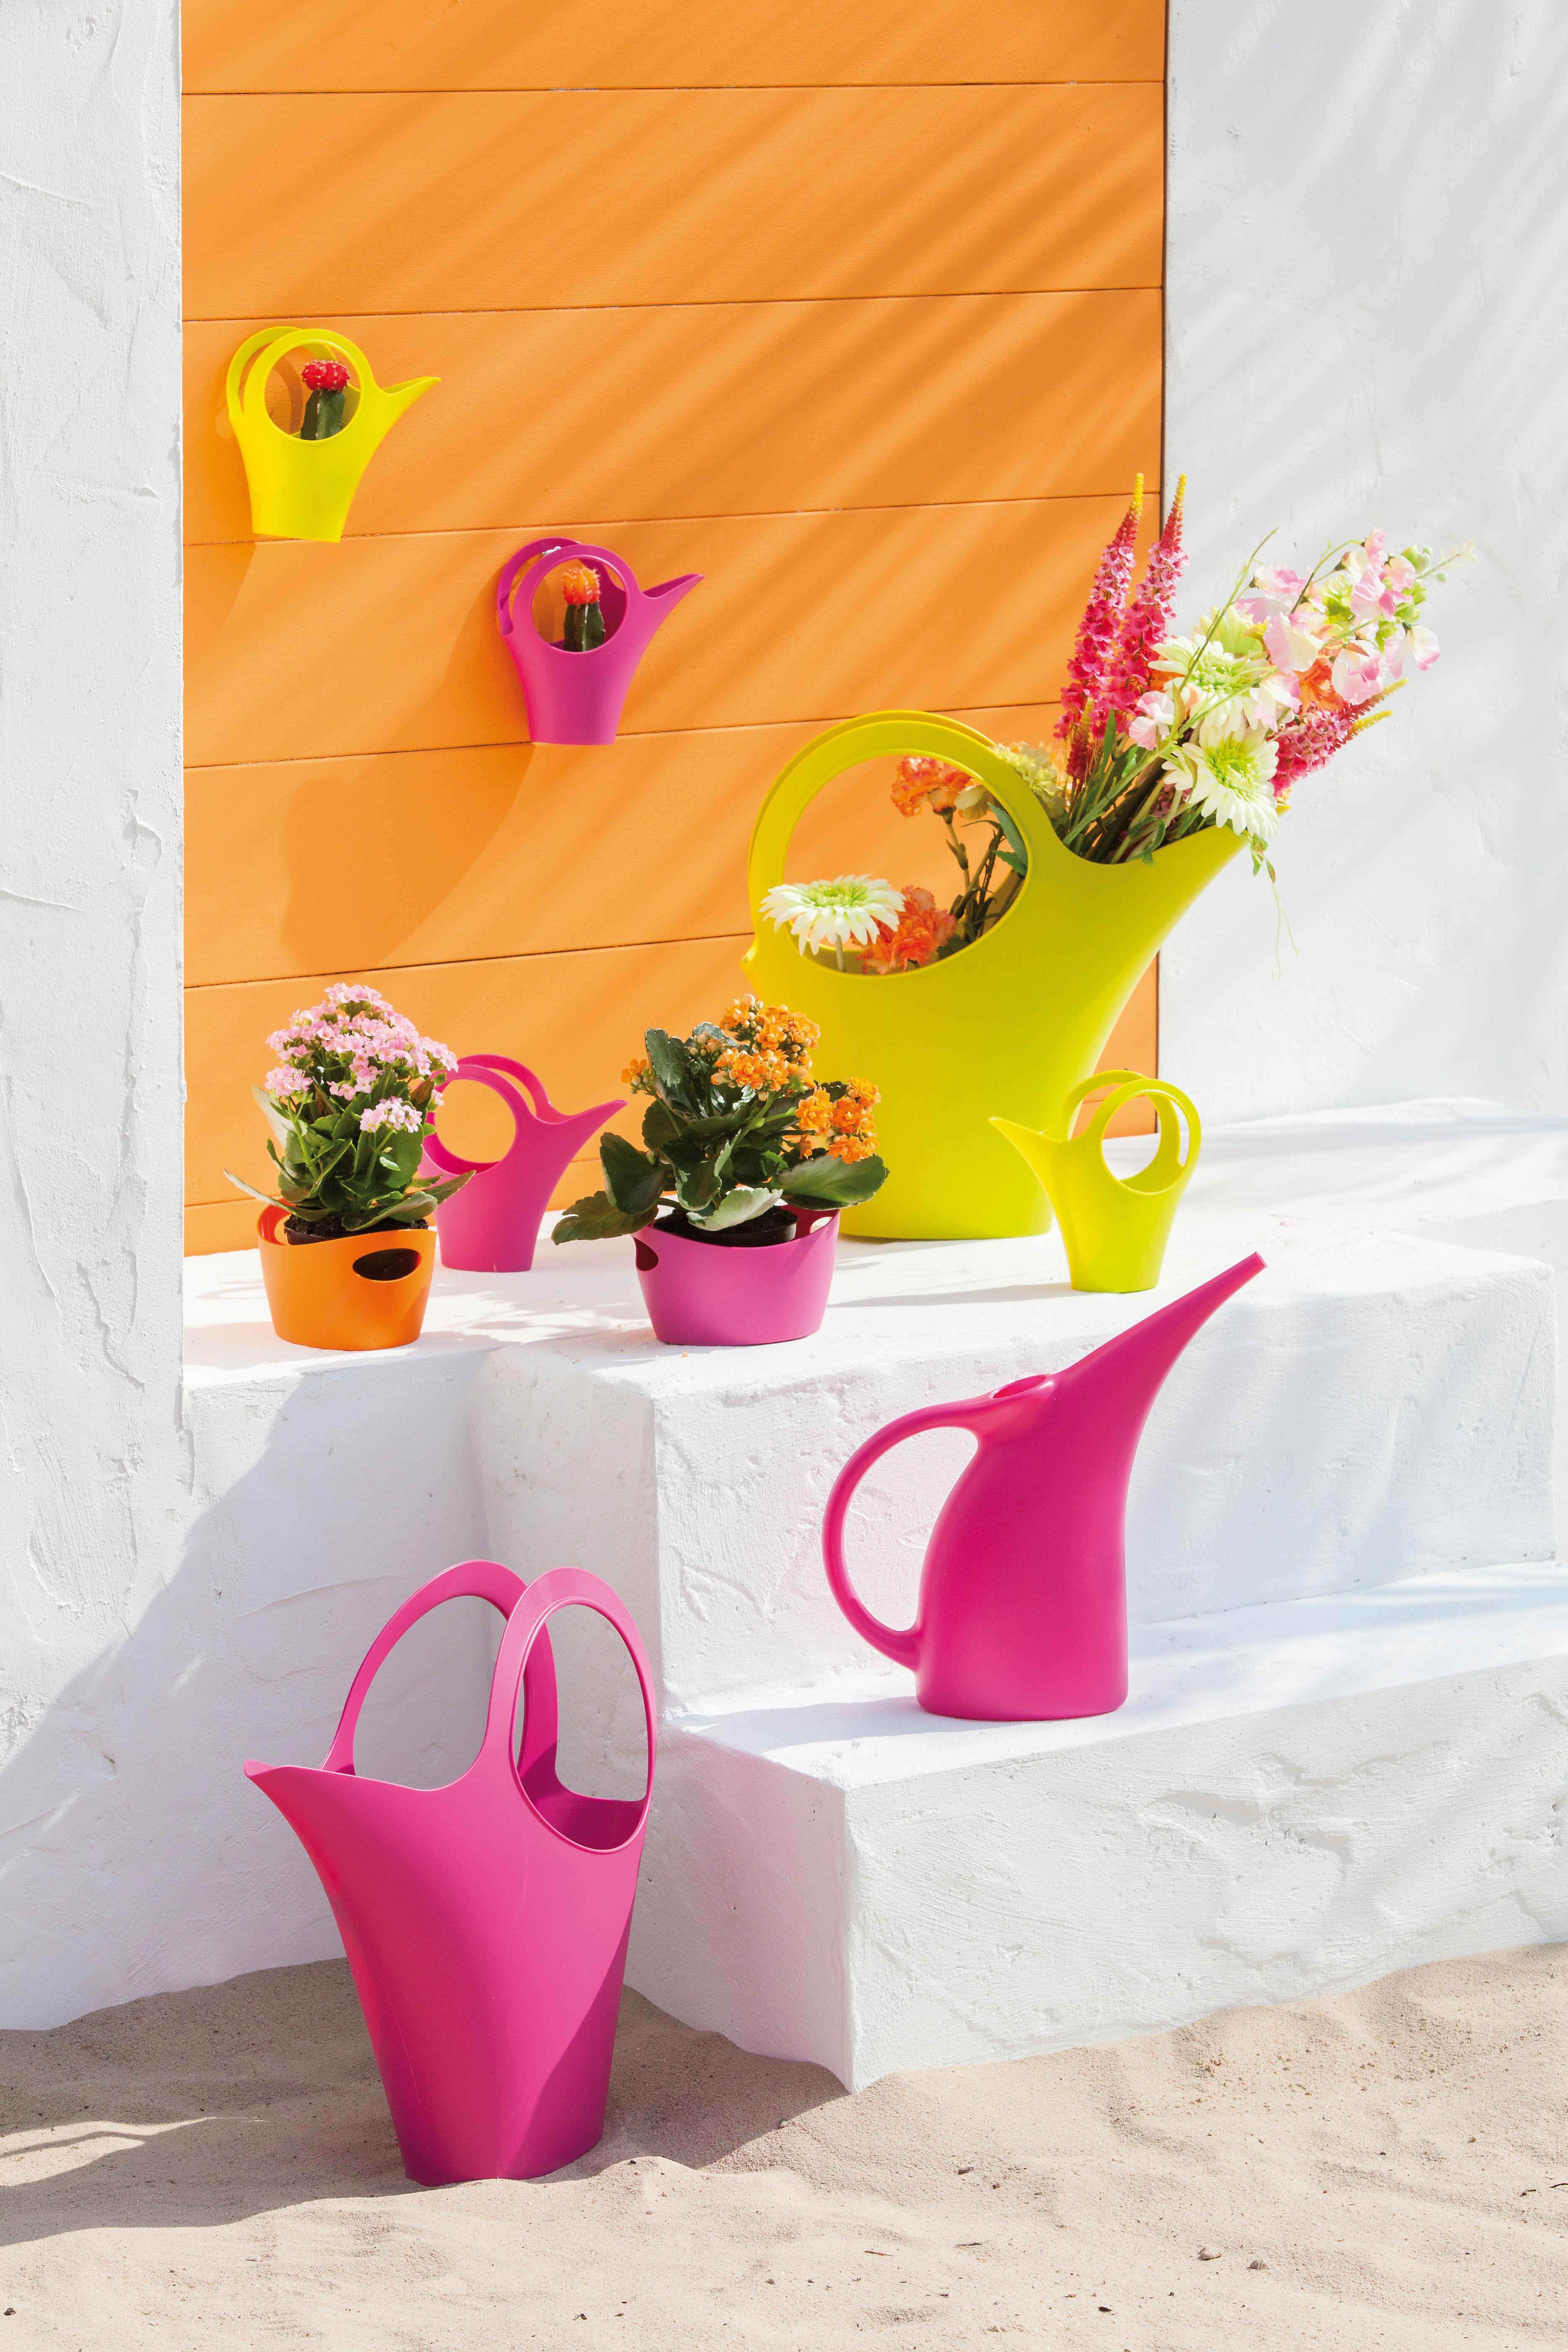 arrosoir elise rose koziol. Black Bedroom Furniture Sets. Home Design Ideas